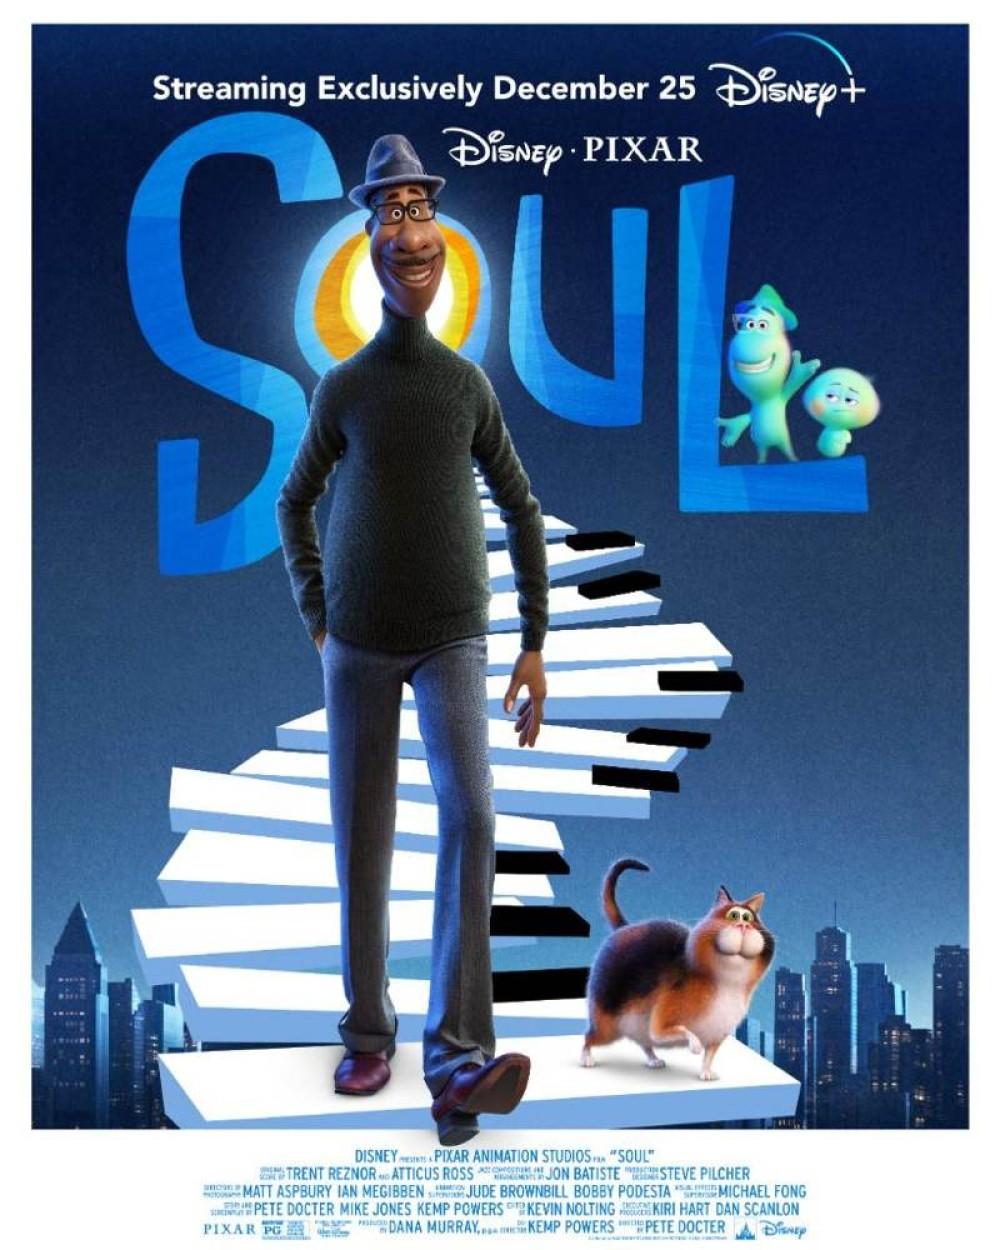 Soul: Η νέα ταινία της Pixar θα προβληθεί αποκλειστικά στο Disney+